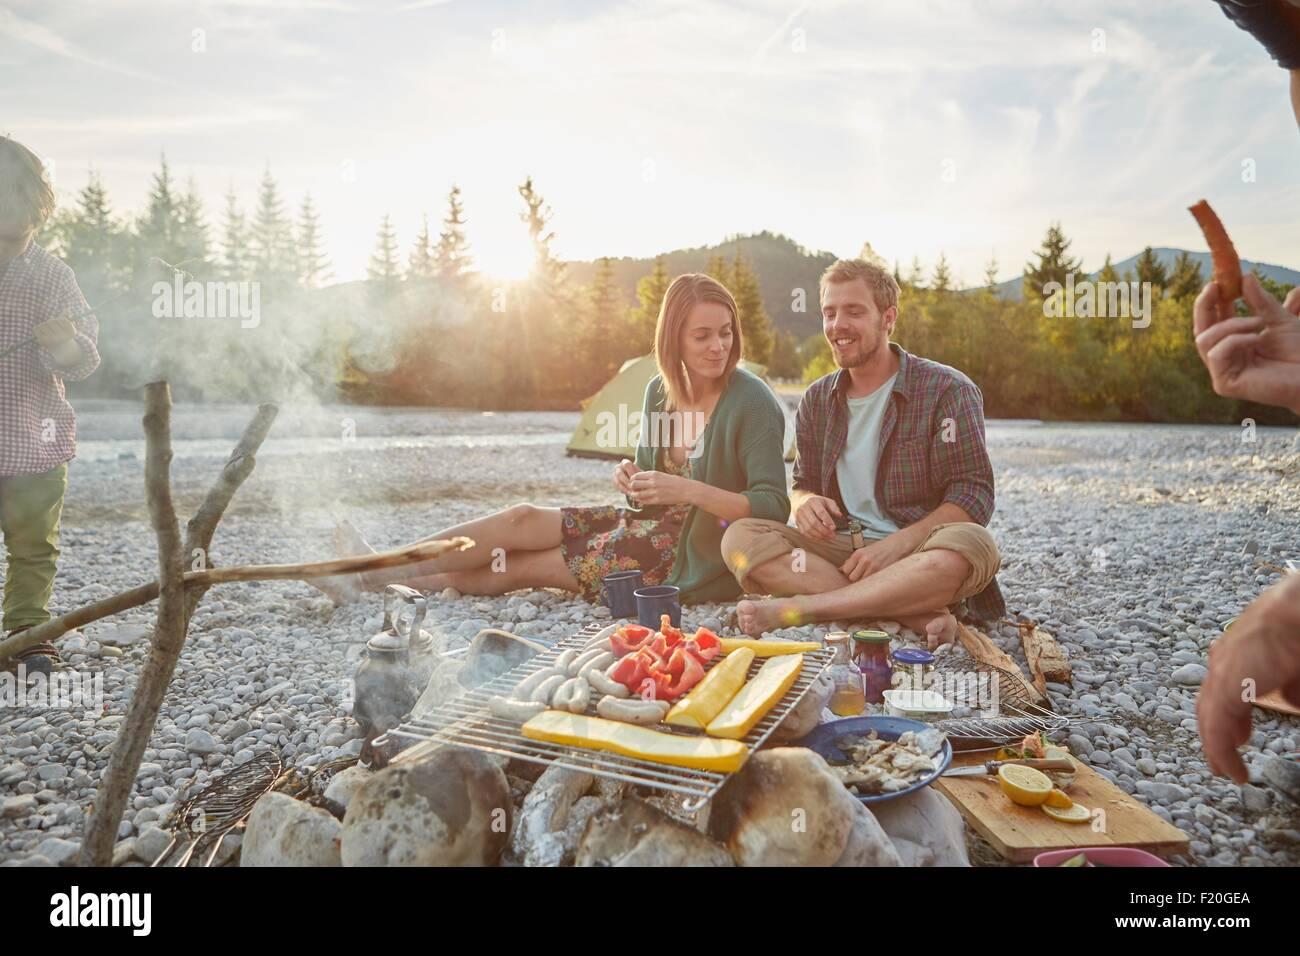 Camp famille assis autour de la cuisson des aliments sur un barbecue Photo Stock